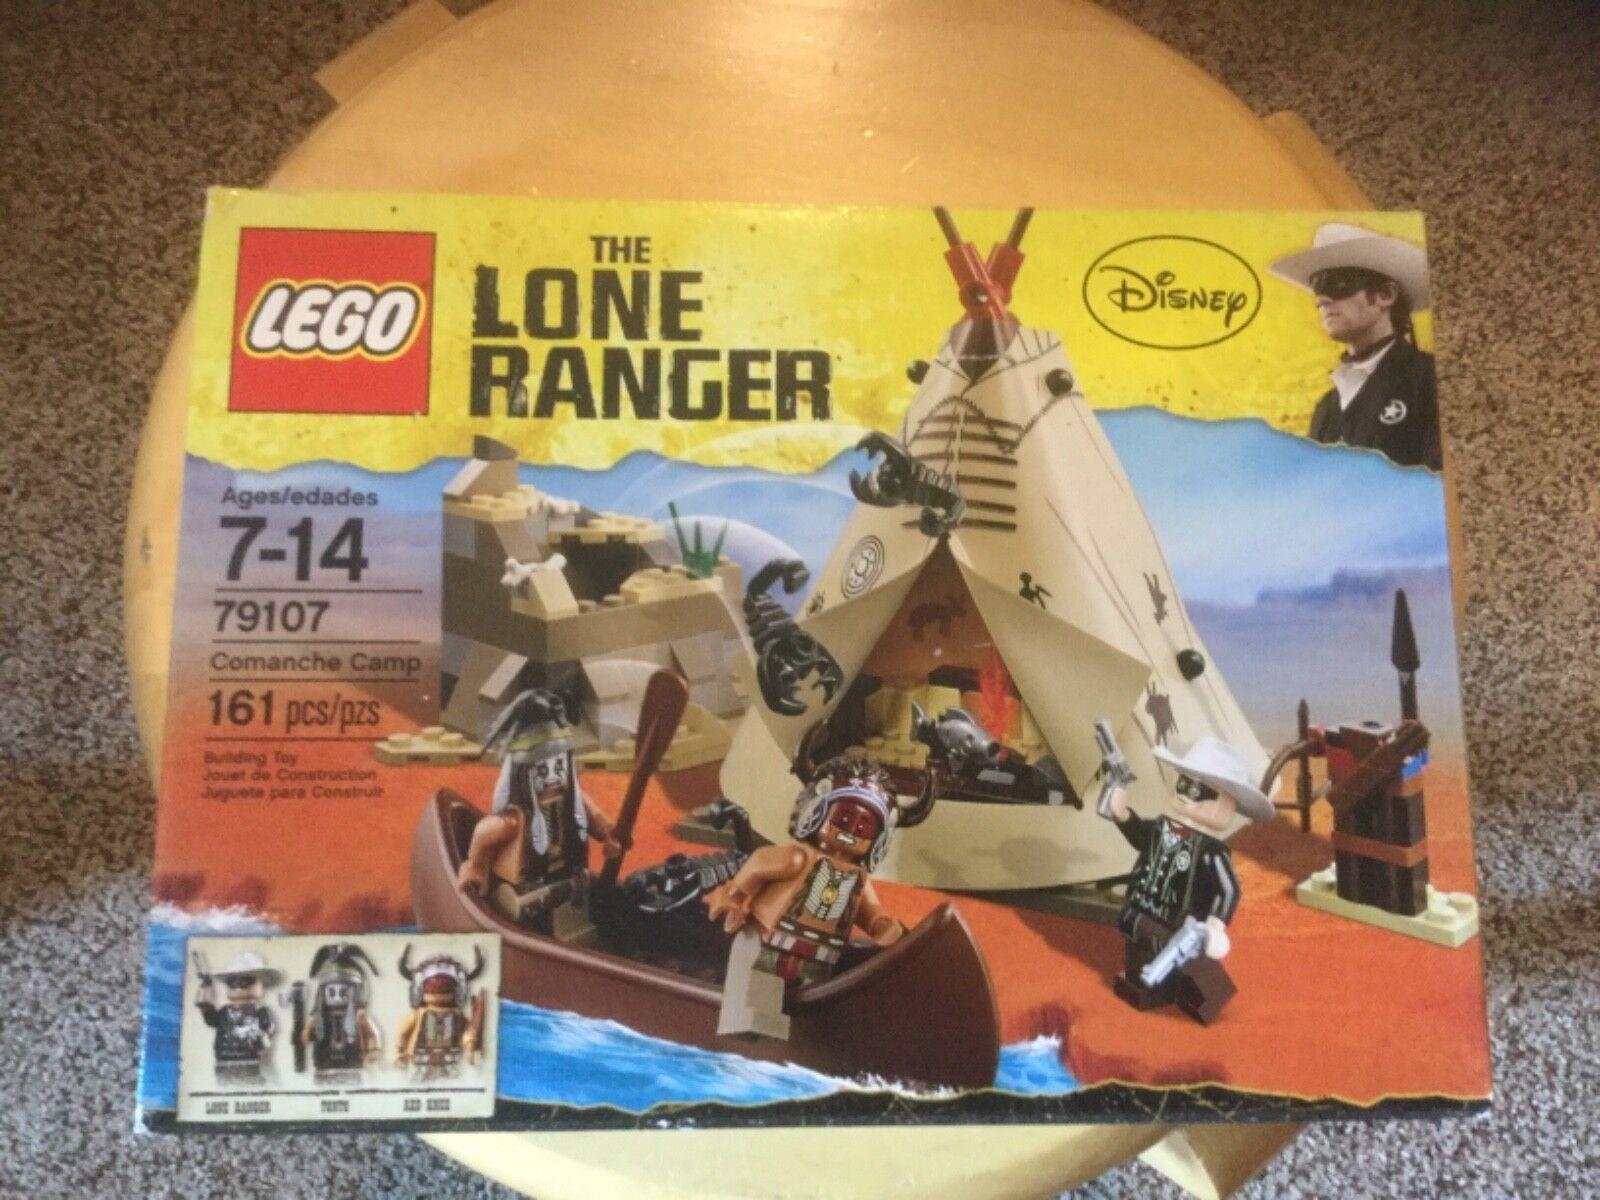 nuovo In scatola  Lego 79107 The Lone Ranger.  Couomoche Camp  negozi al dettaglio